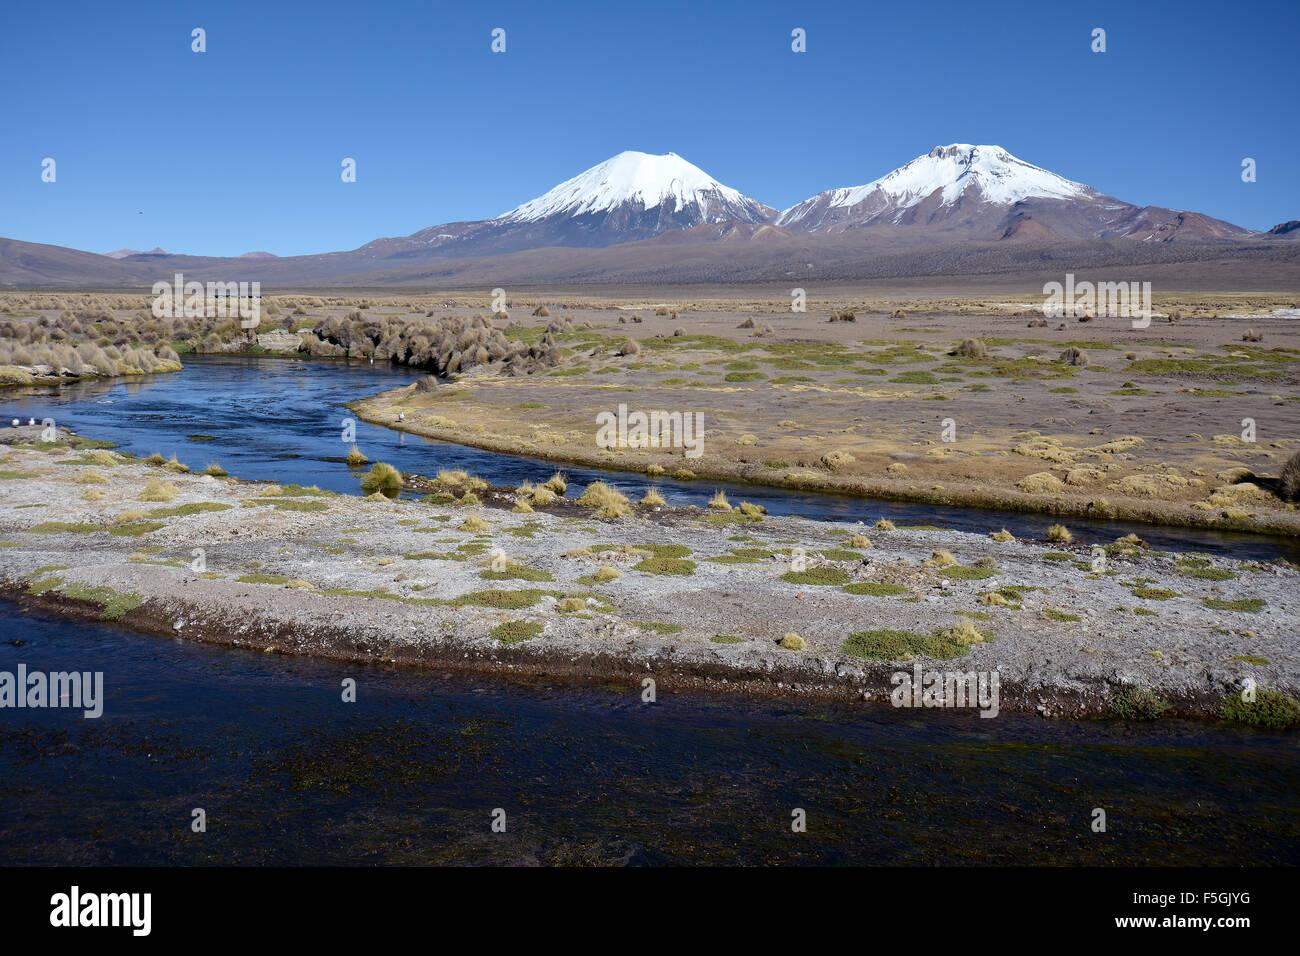 Schneebedeckte Vulkane Parinacota, pomerape und Sajama Nationalpark, Grenze zwischen Bolivien und Chile Stockbild